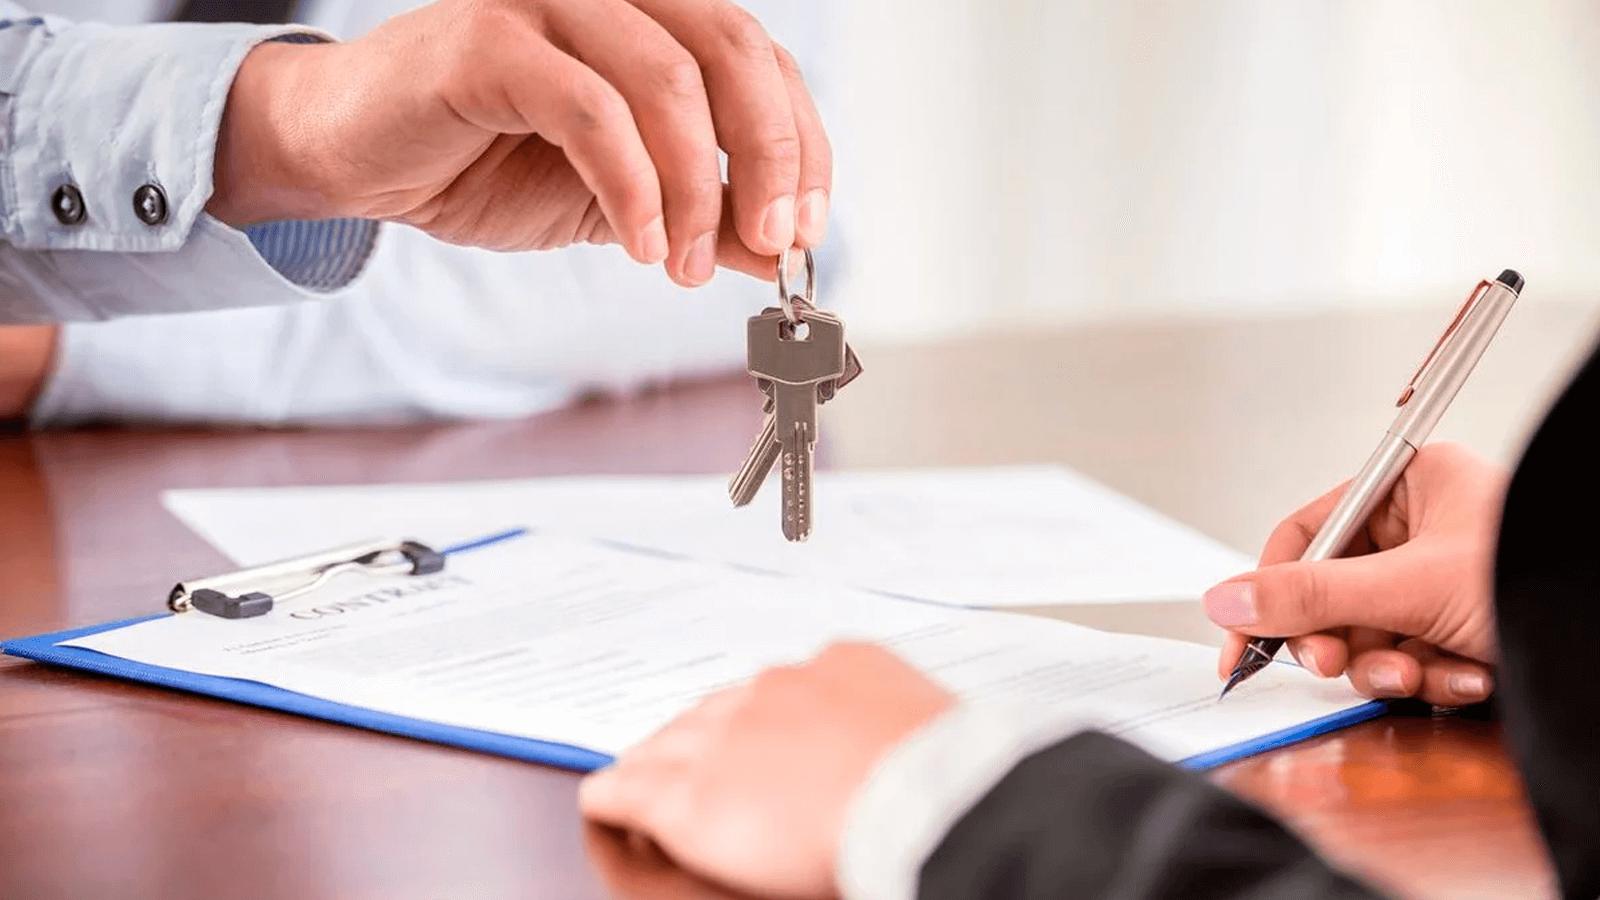 Préstamos hipotecarios: 5 consejos para adquirirlos